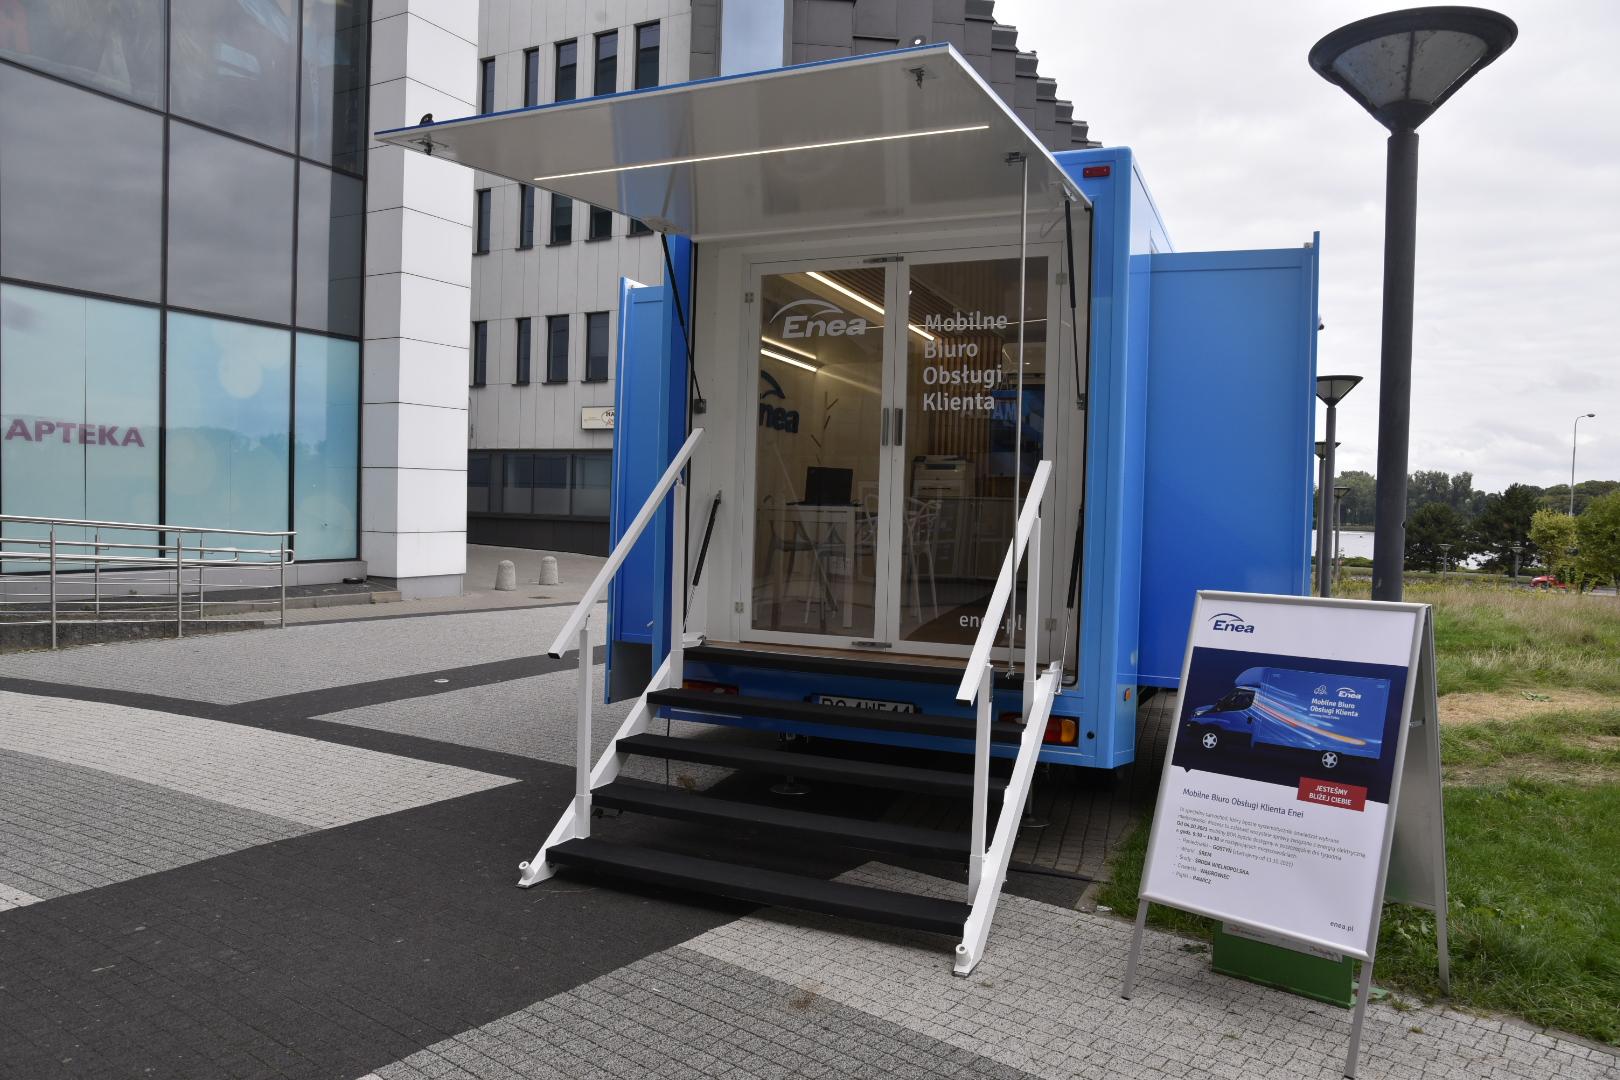 mobilne biuro enea - Wojtek Wardejn - Radio Poznań